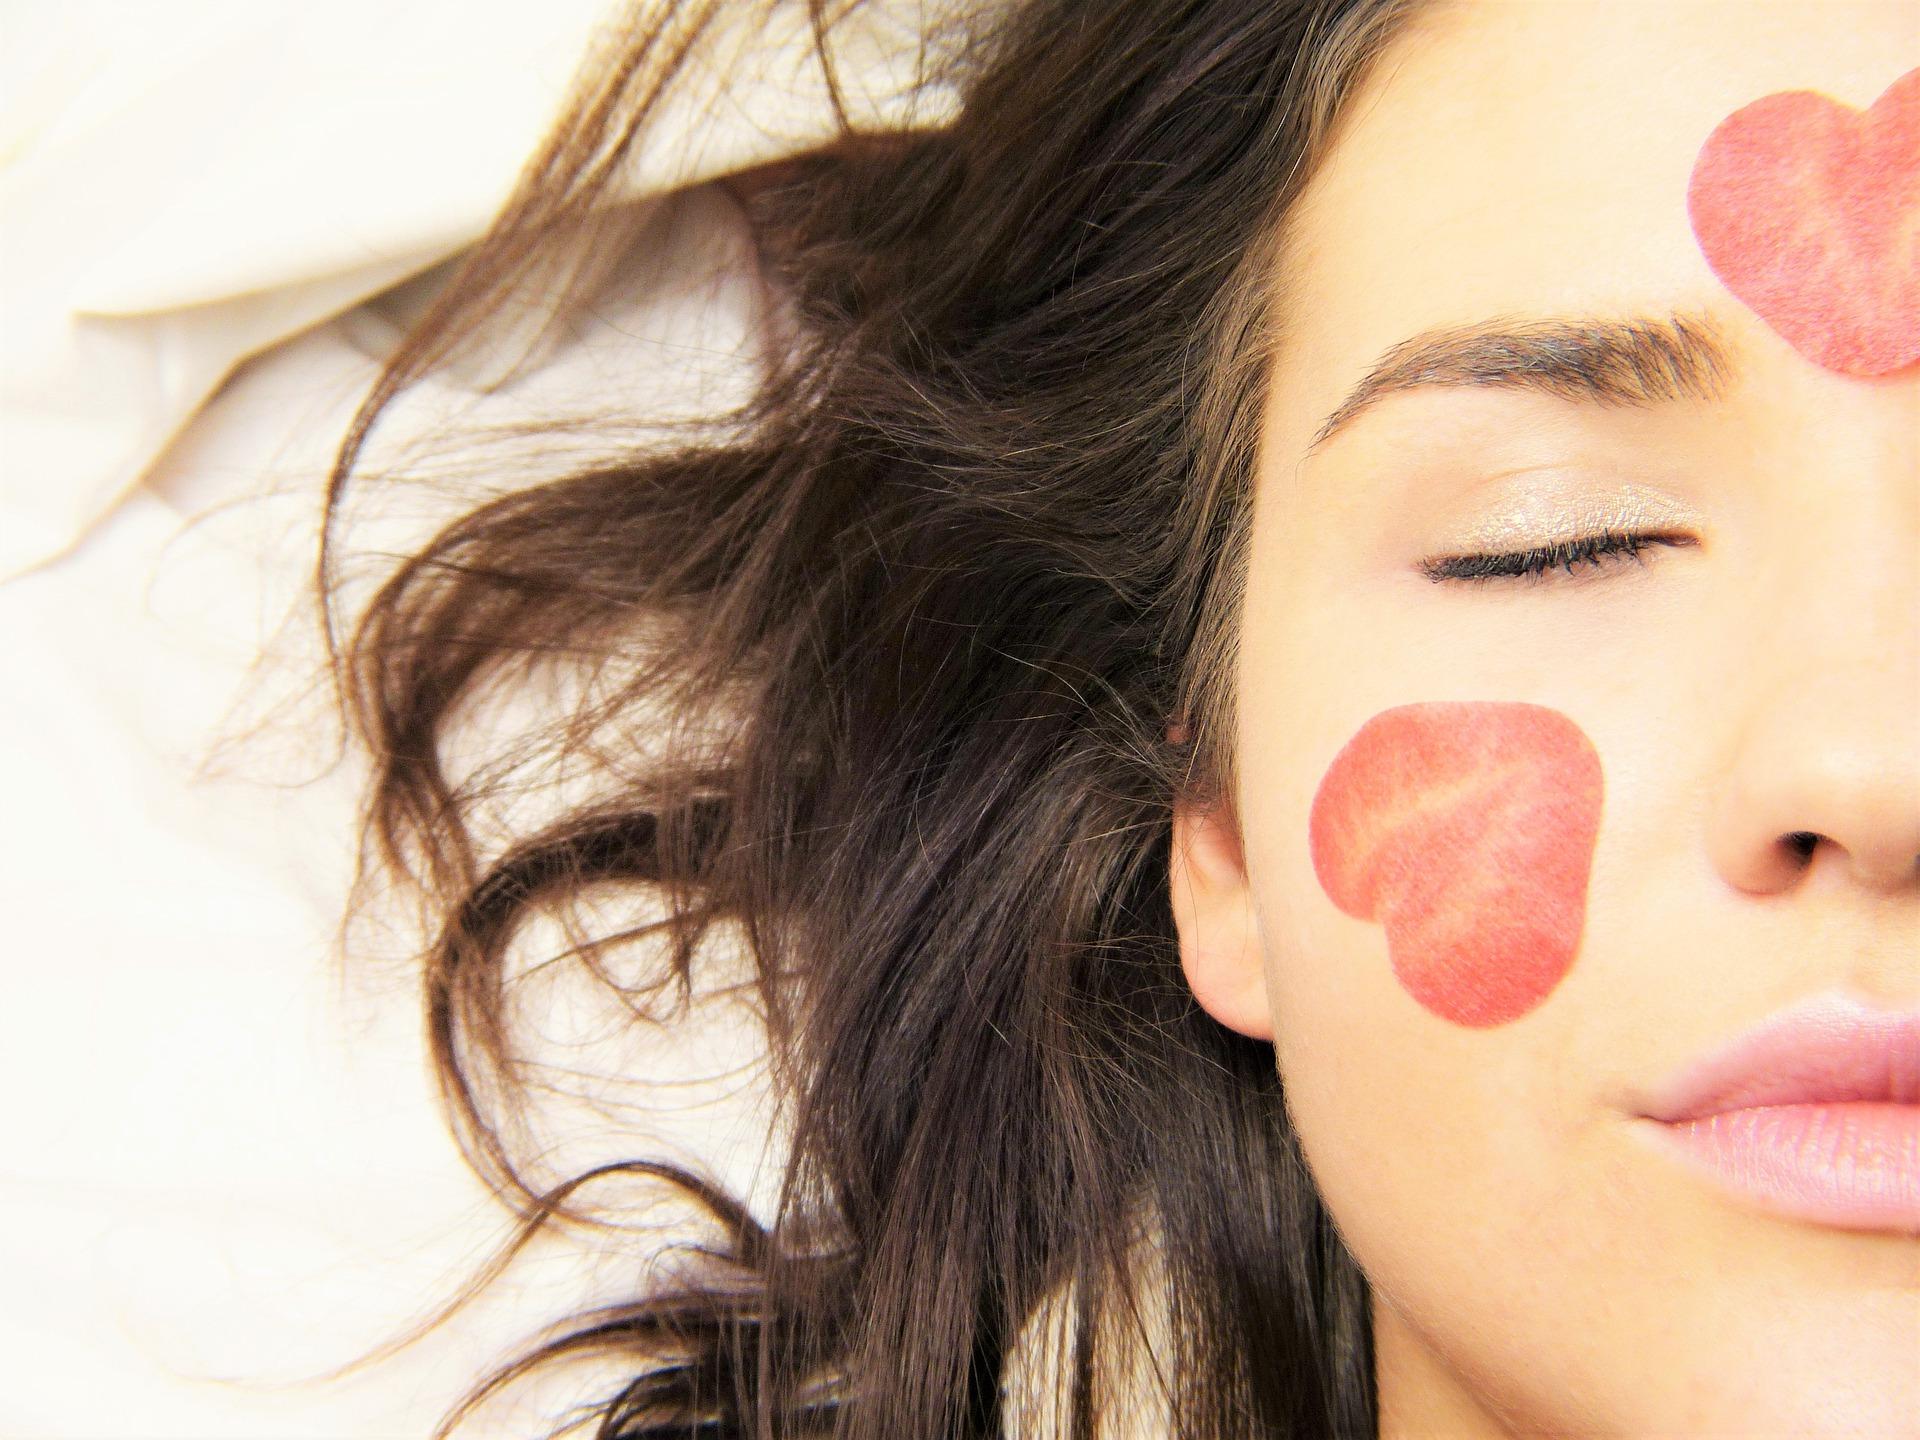 לא רק לנשים: איך לשמור על טיפוח עור הפנים בדרך נכונה